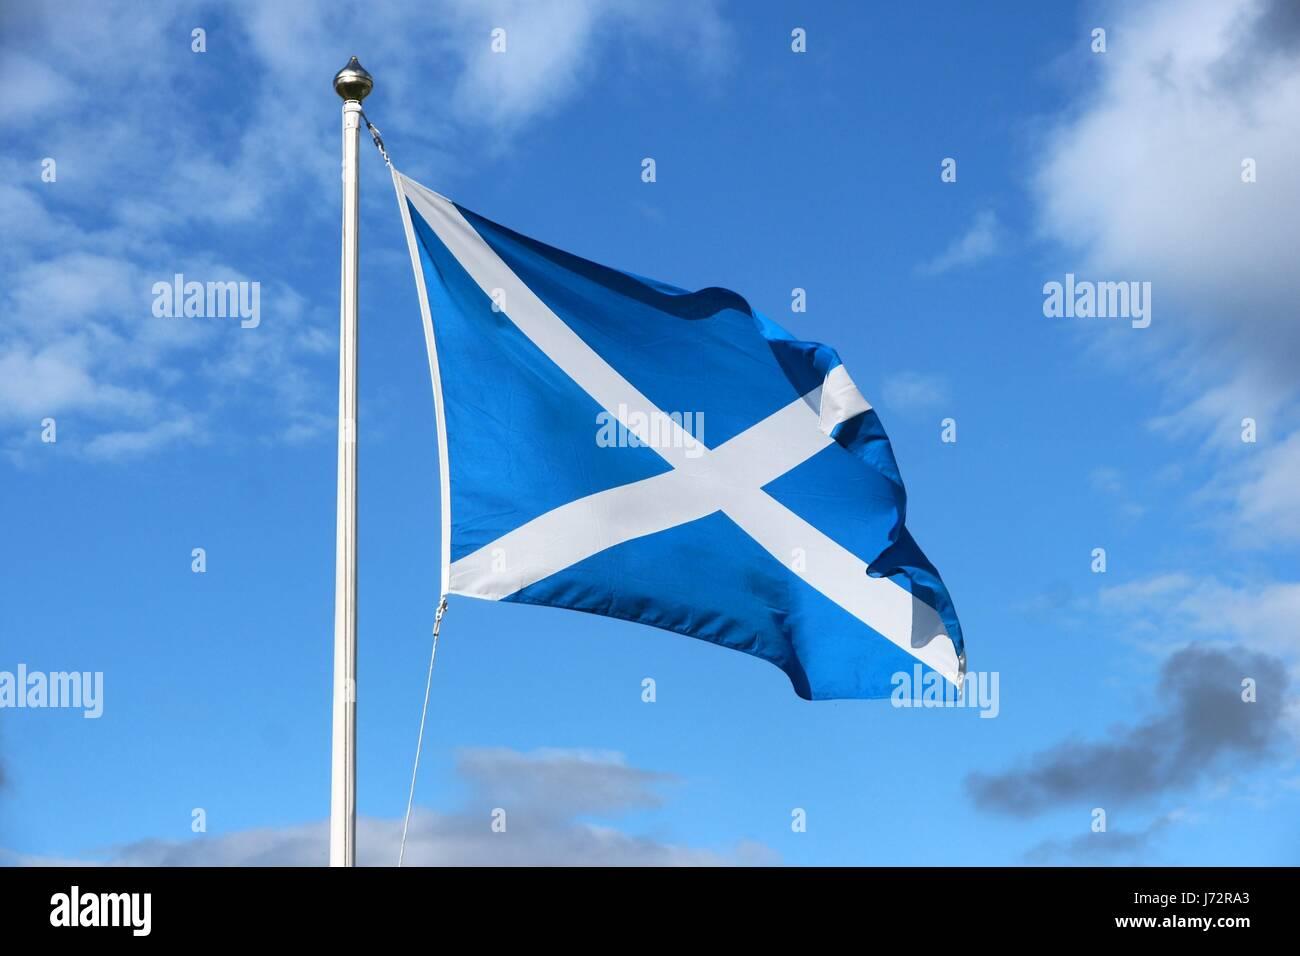 scotland flag stock photos u0026 scotland flag stock images alamy